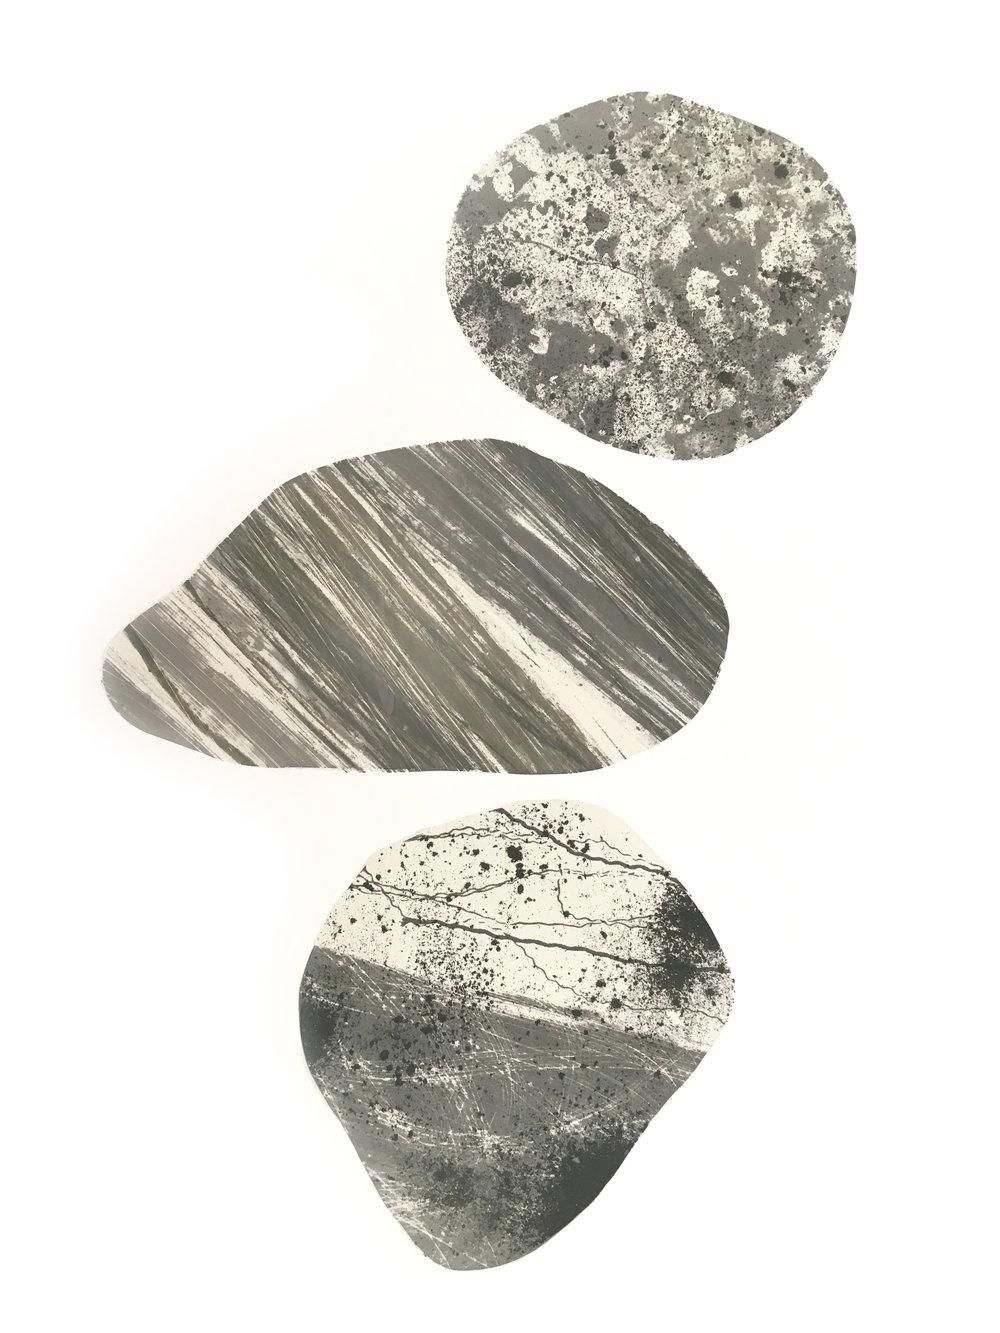 Textured Pebble #1.jpg